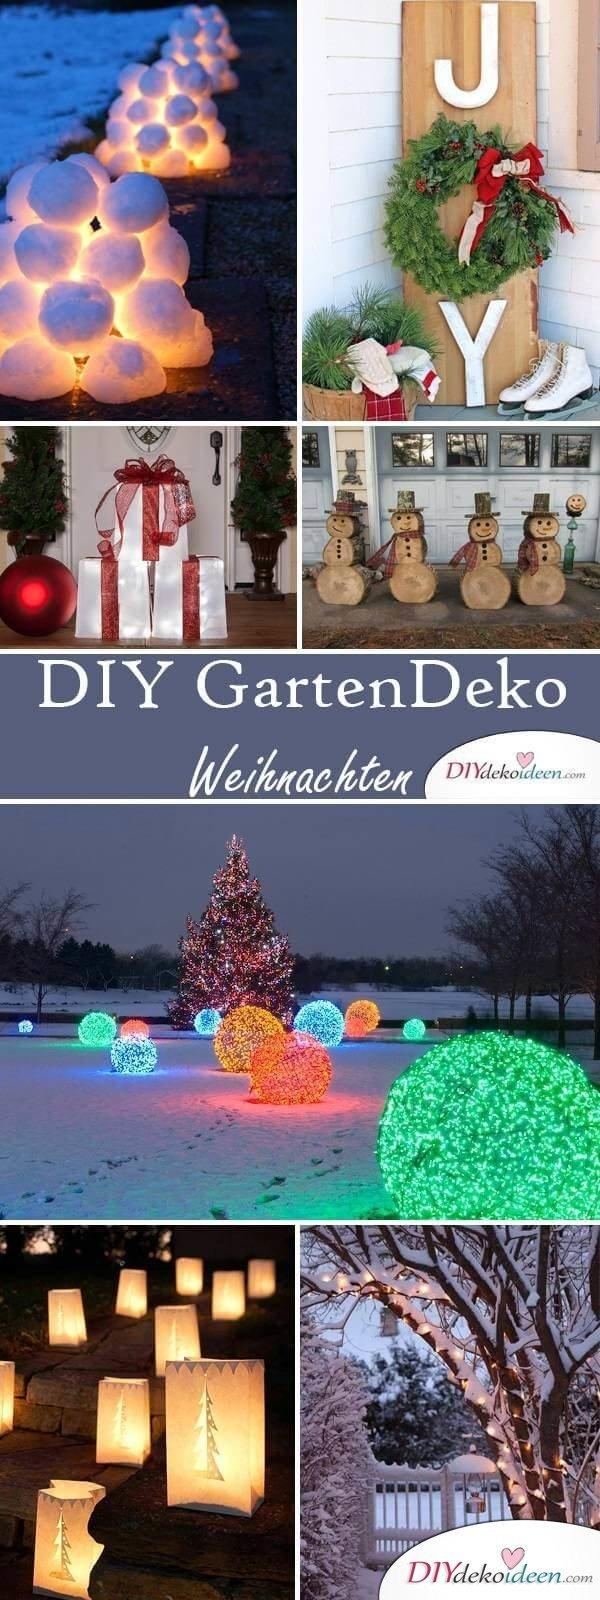 DIY Garten zu Weihnachten dekorieren - Ideen und Anleitungen